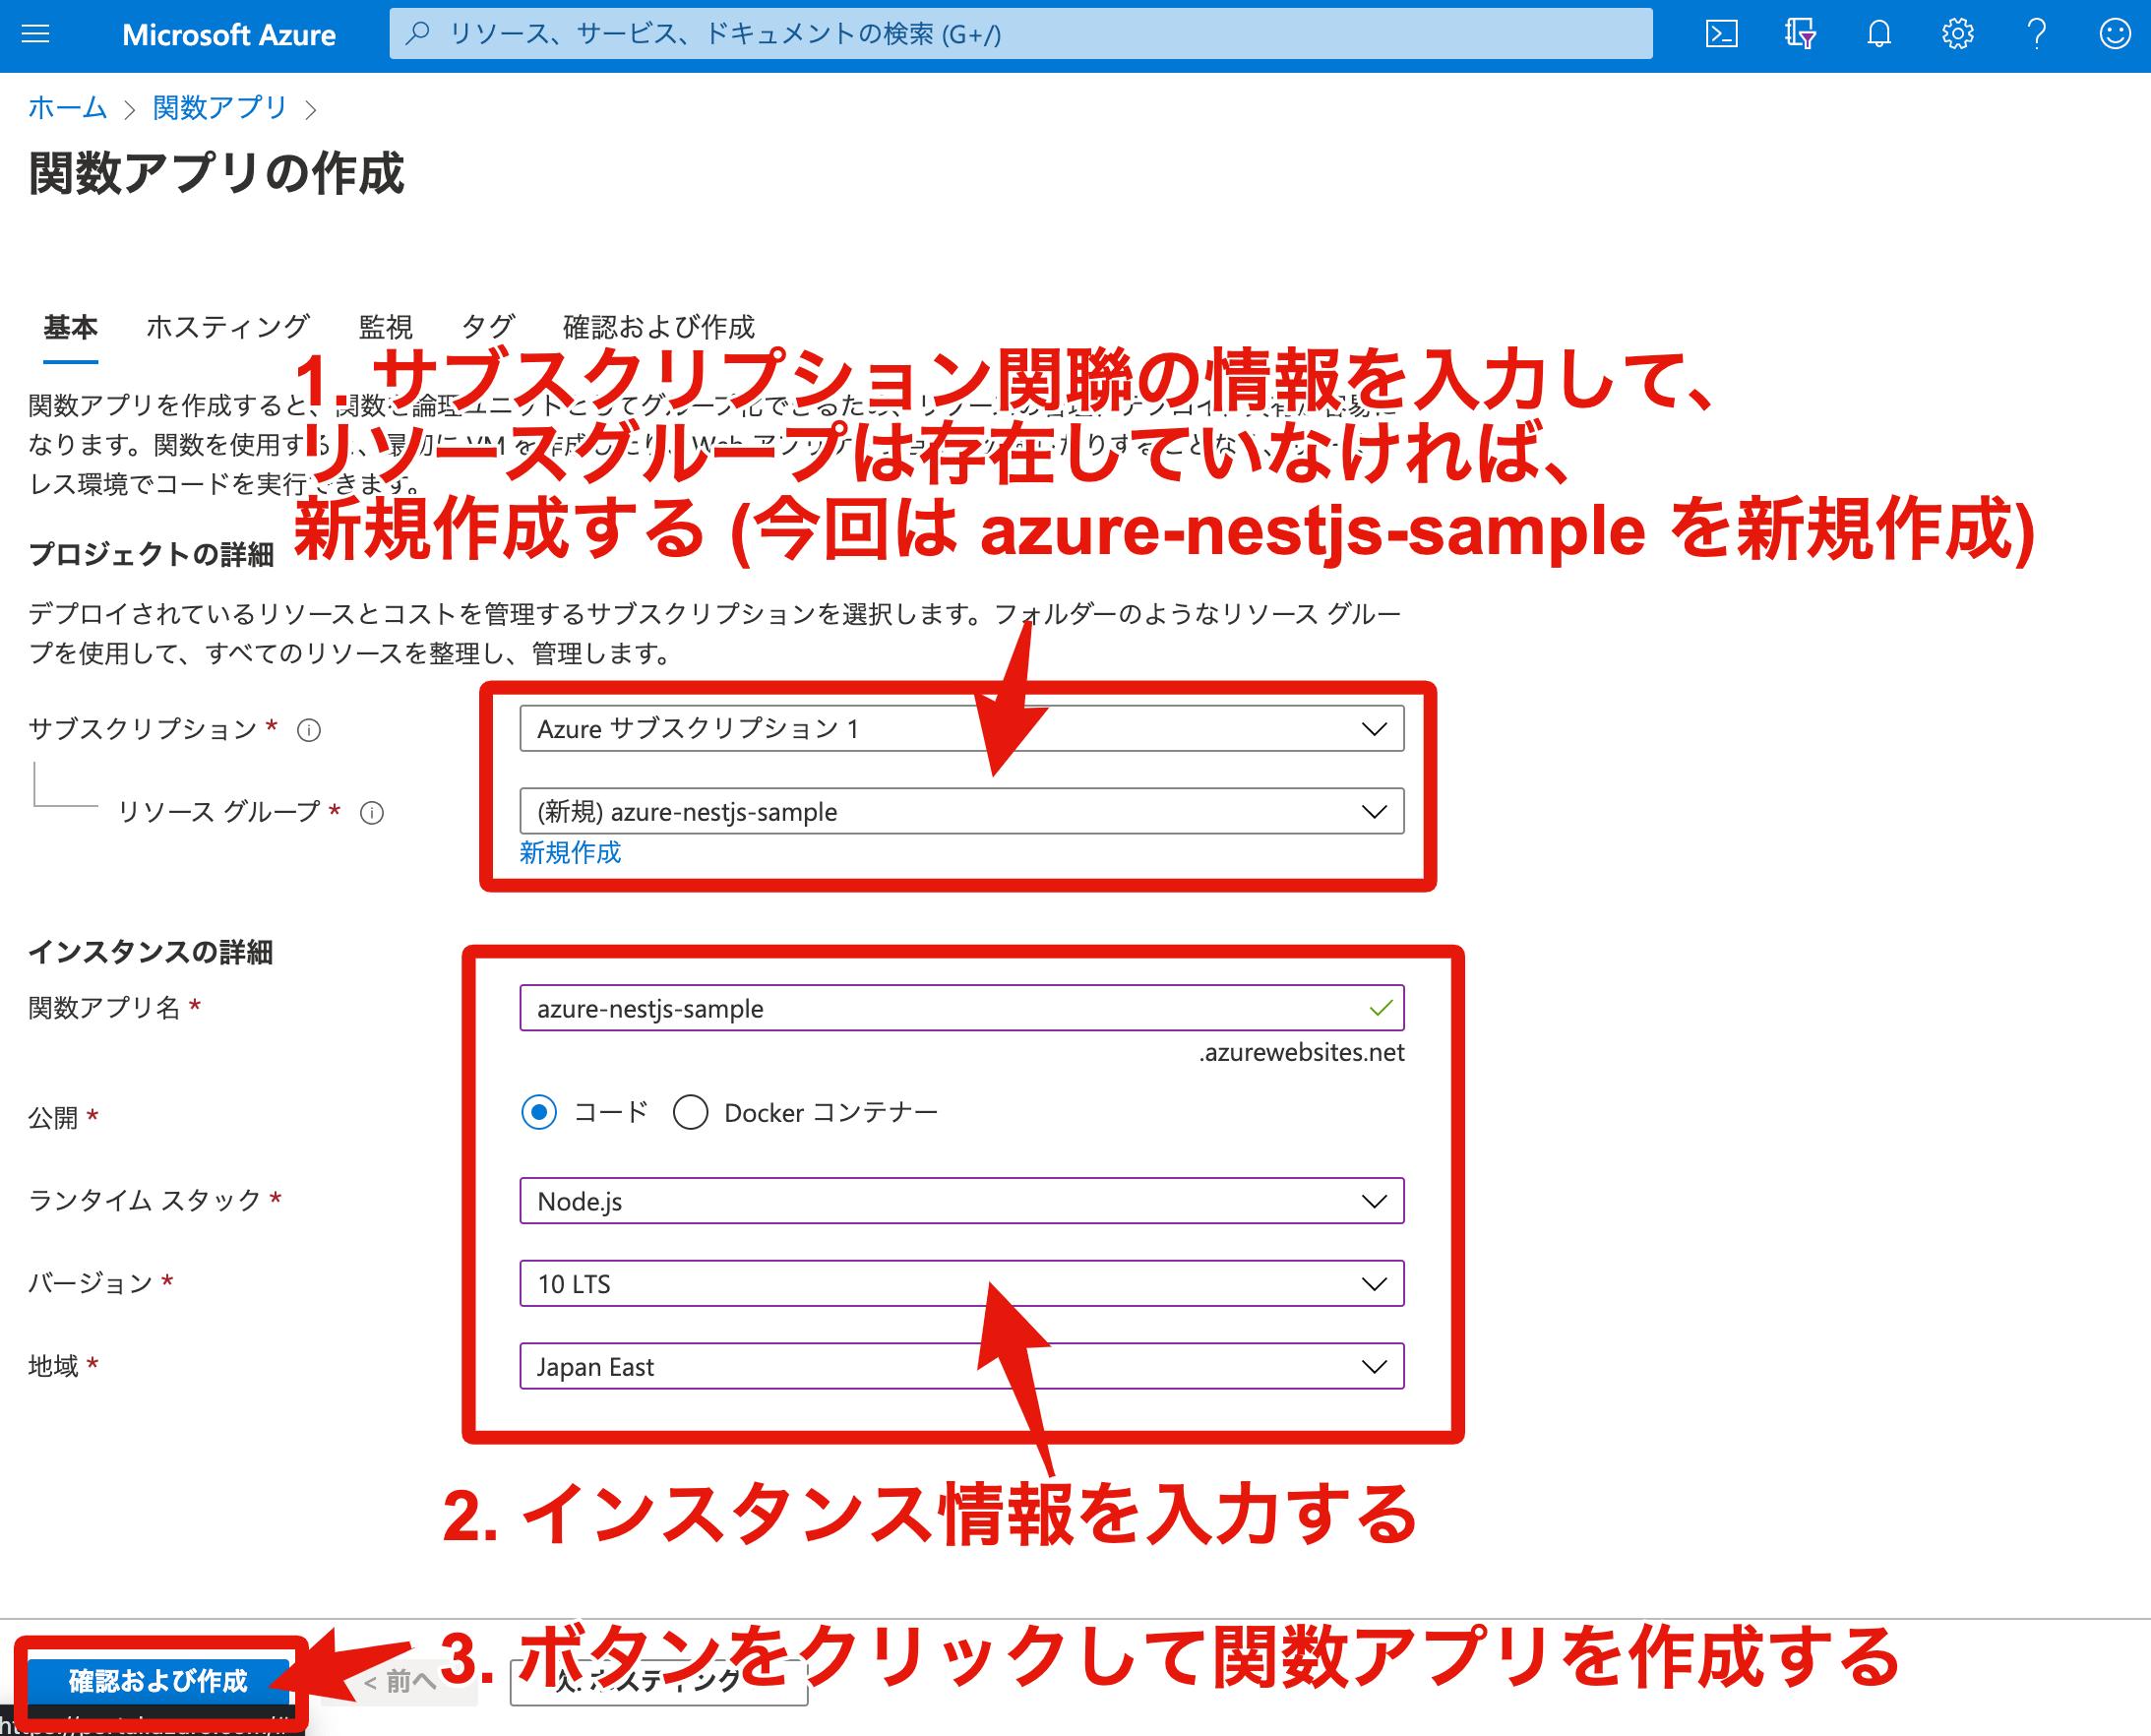 1. 関数アプリの新規作成ページから関数アプリを作成する